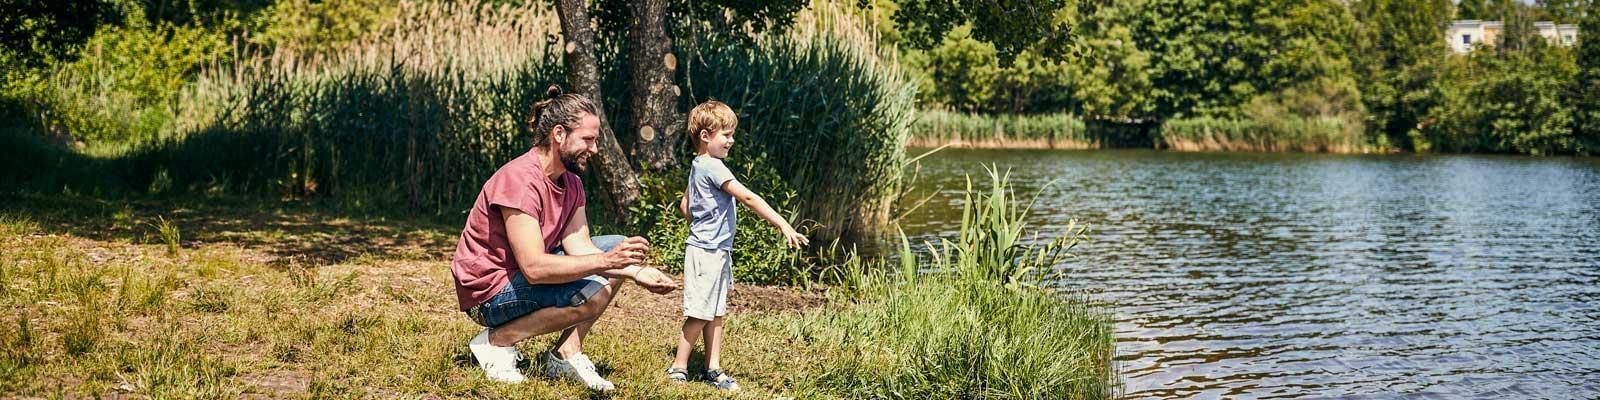 Sicherheits- und Hygienemaßnahmen in unseren Parks